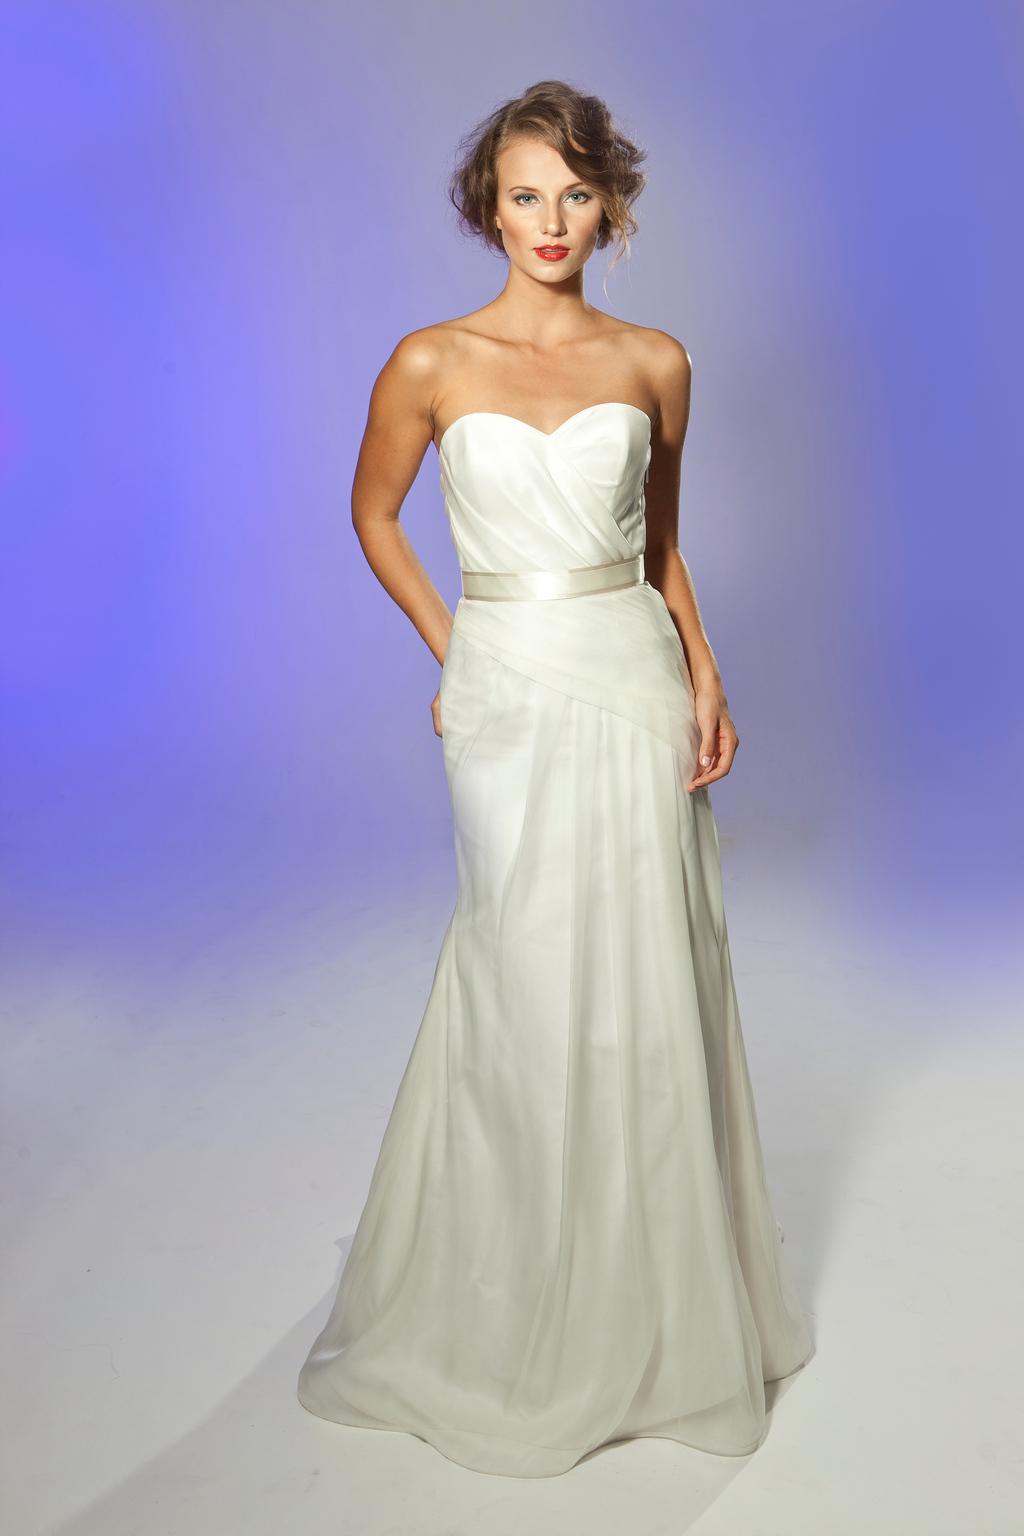 2013-wedding-dress-designer-junko-yoshioka-pastis-1.full